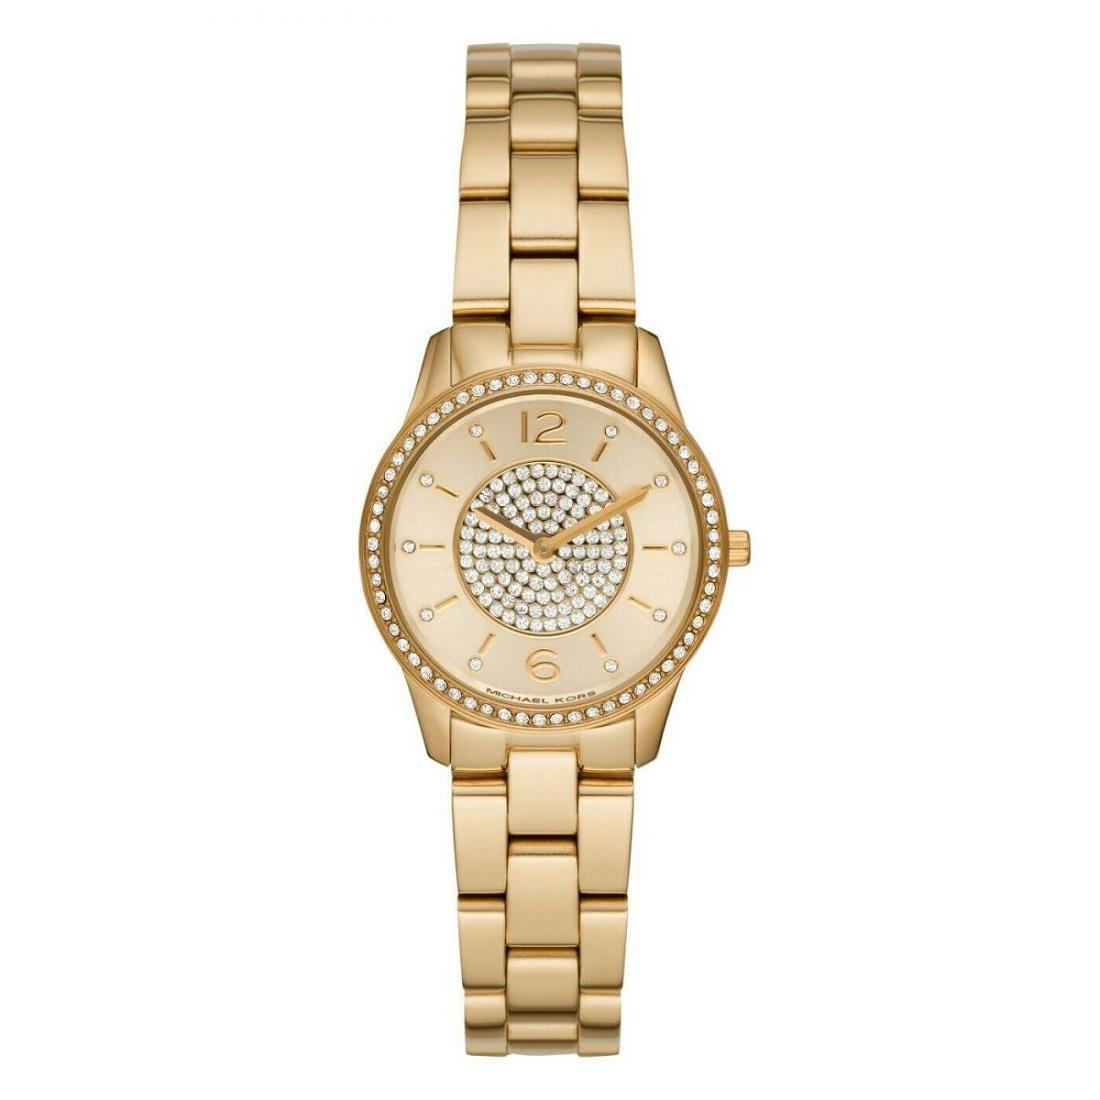 Reloj mujer caja 28mm - MICHAEL KORS